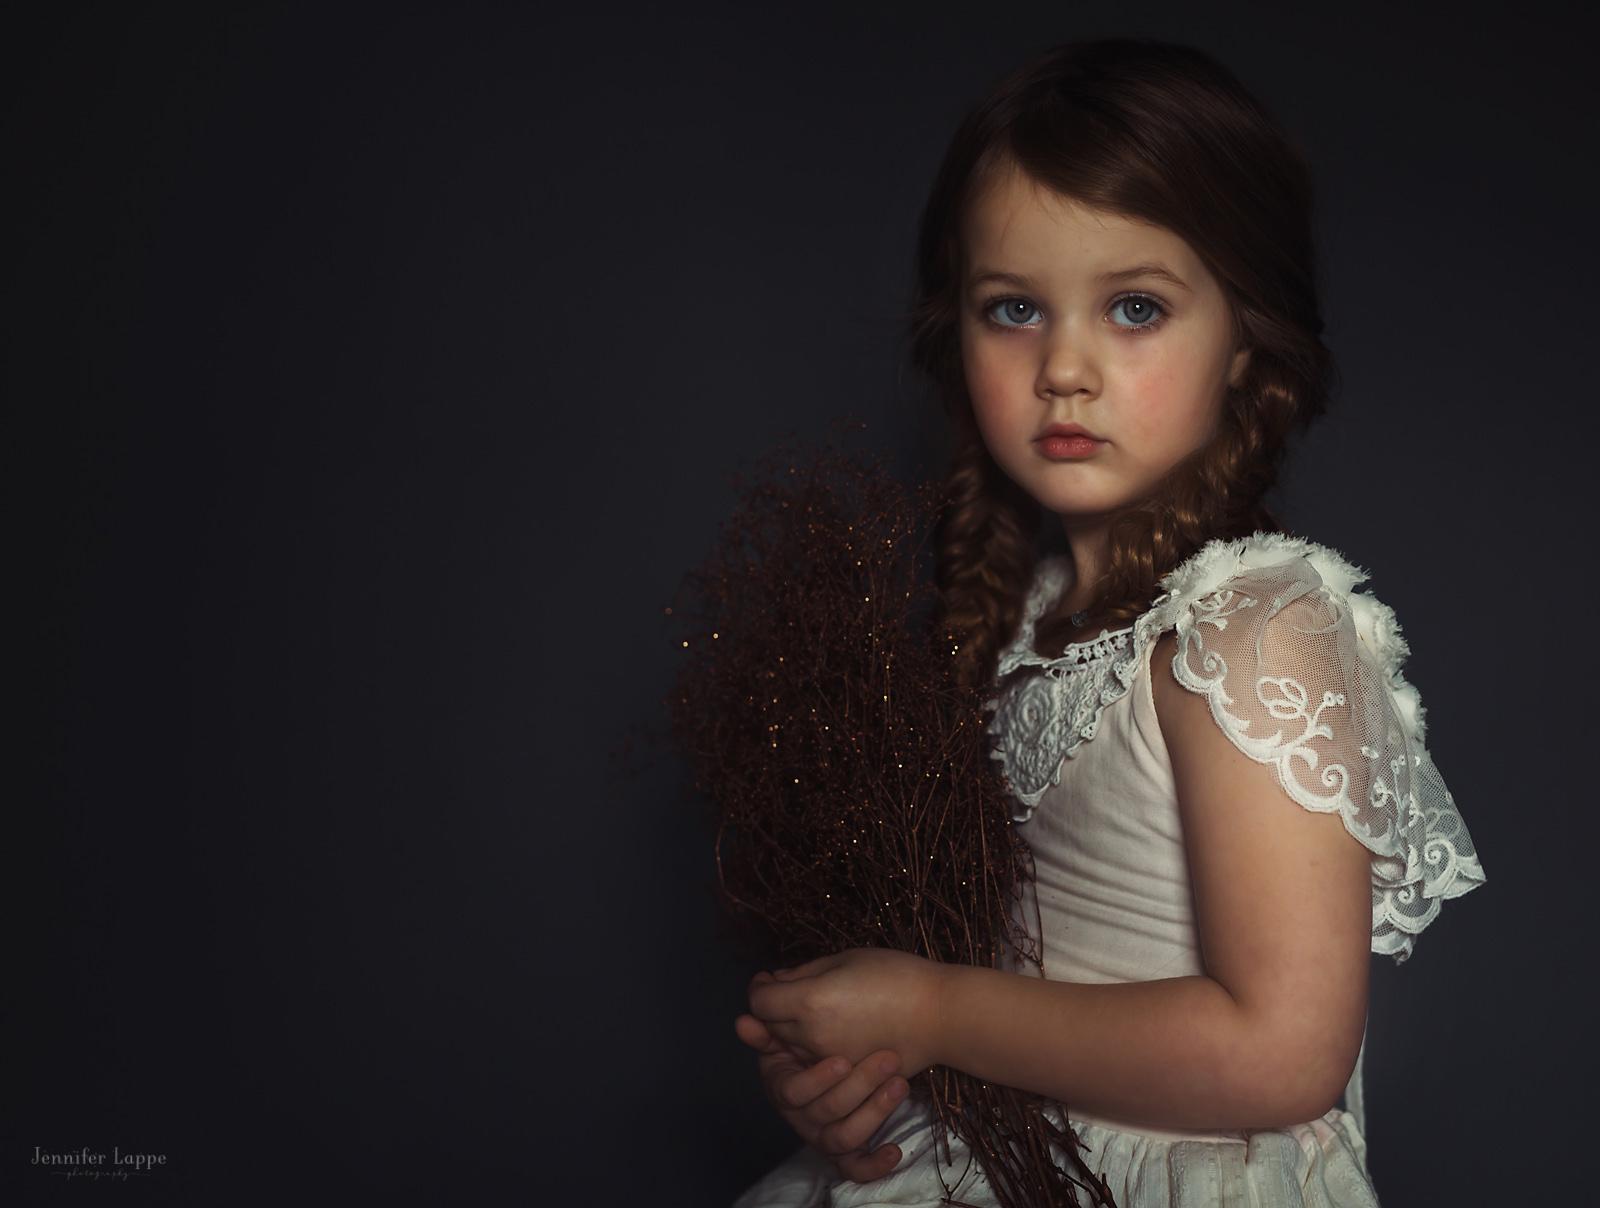 window light portrait of girl in a white dress by Jennifer Lappe